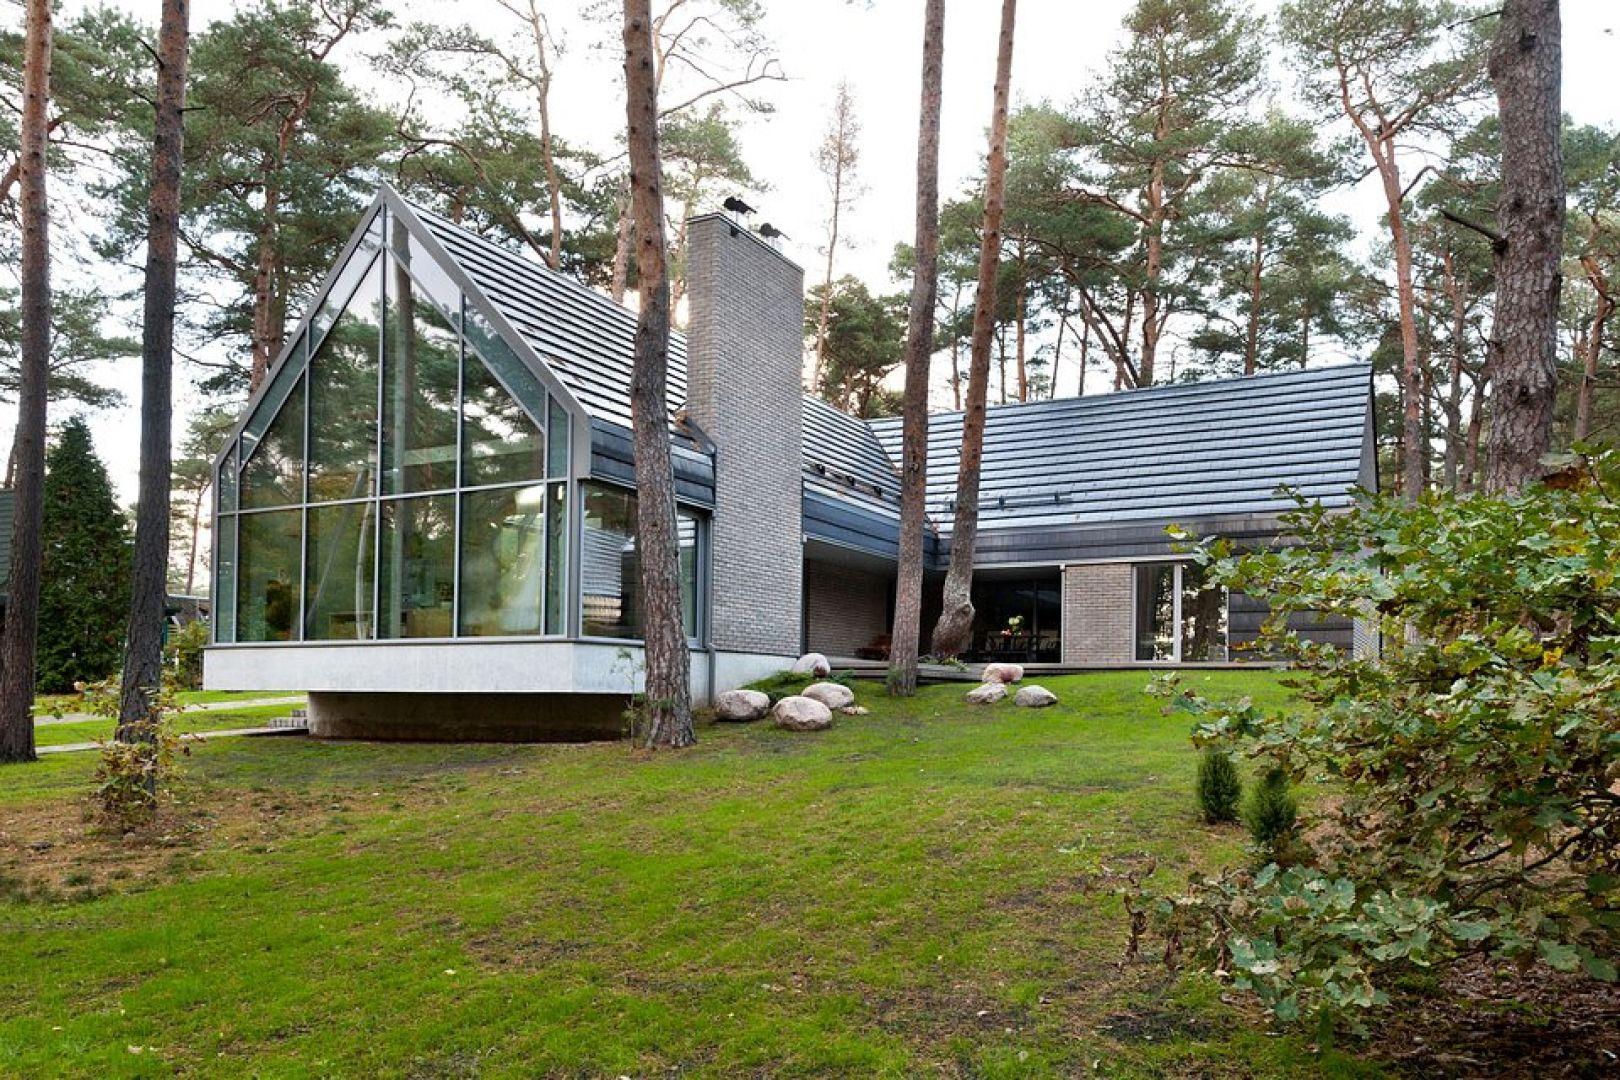 Dachówki ceramiczne to jedne z najbardziej sprawdzonych i trwałych materiałów do pokrycia dachu, który charakteryzuje się szczególną odpornością na działanie czynników pogodowych. Fot. Wienerberger